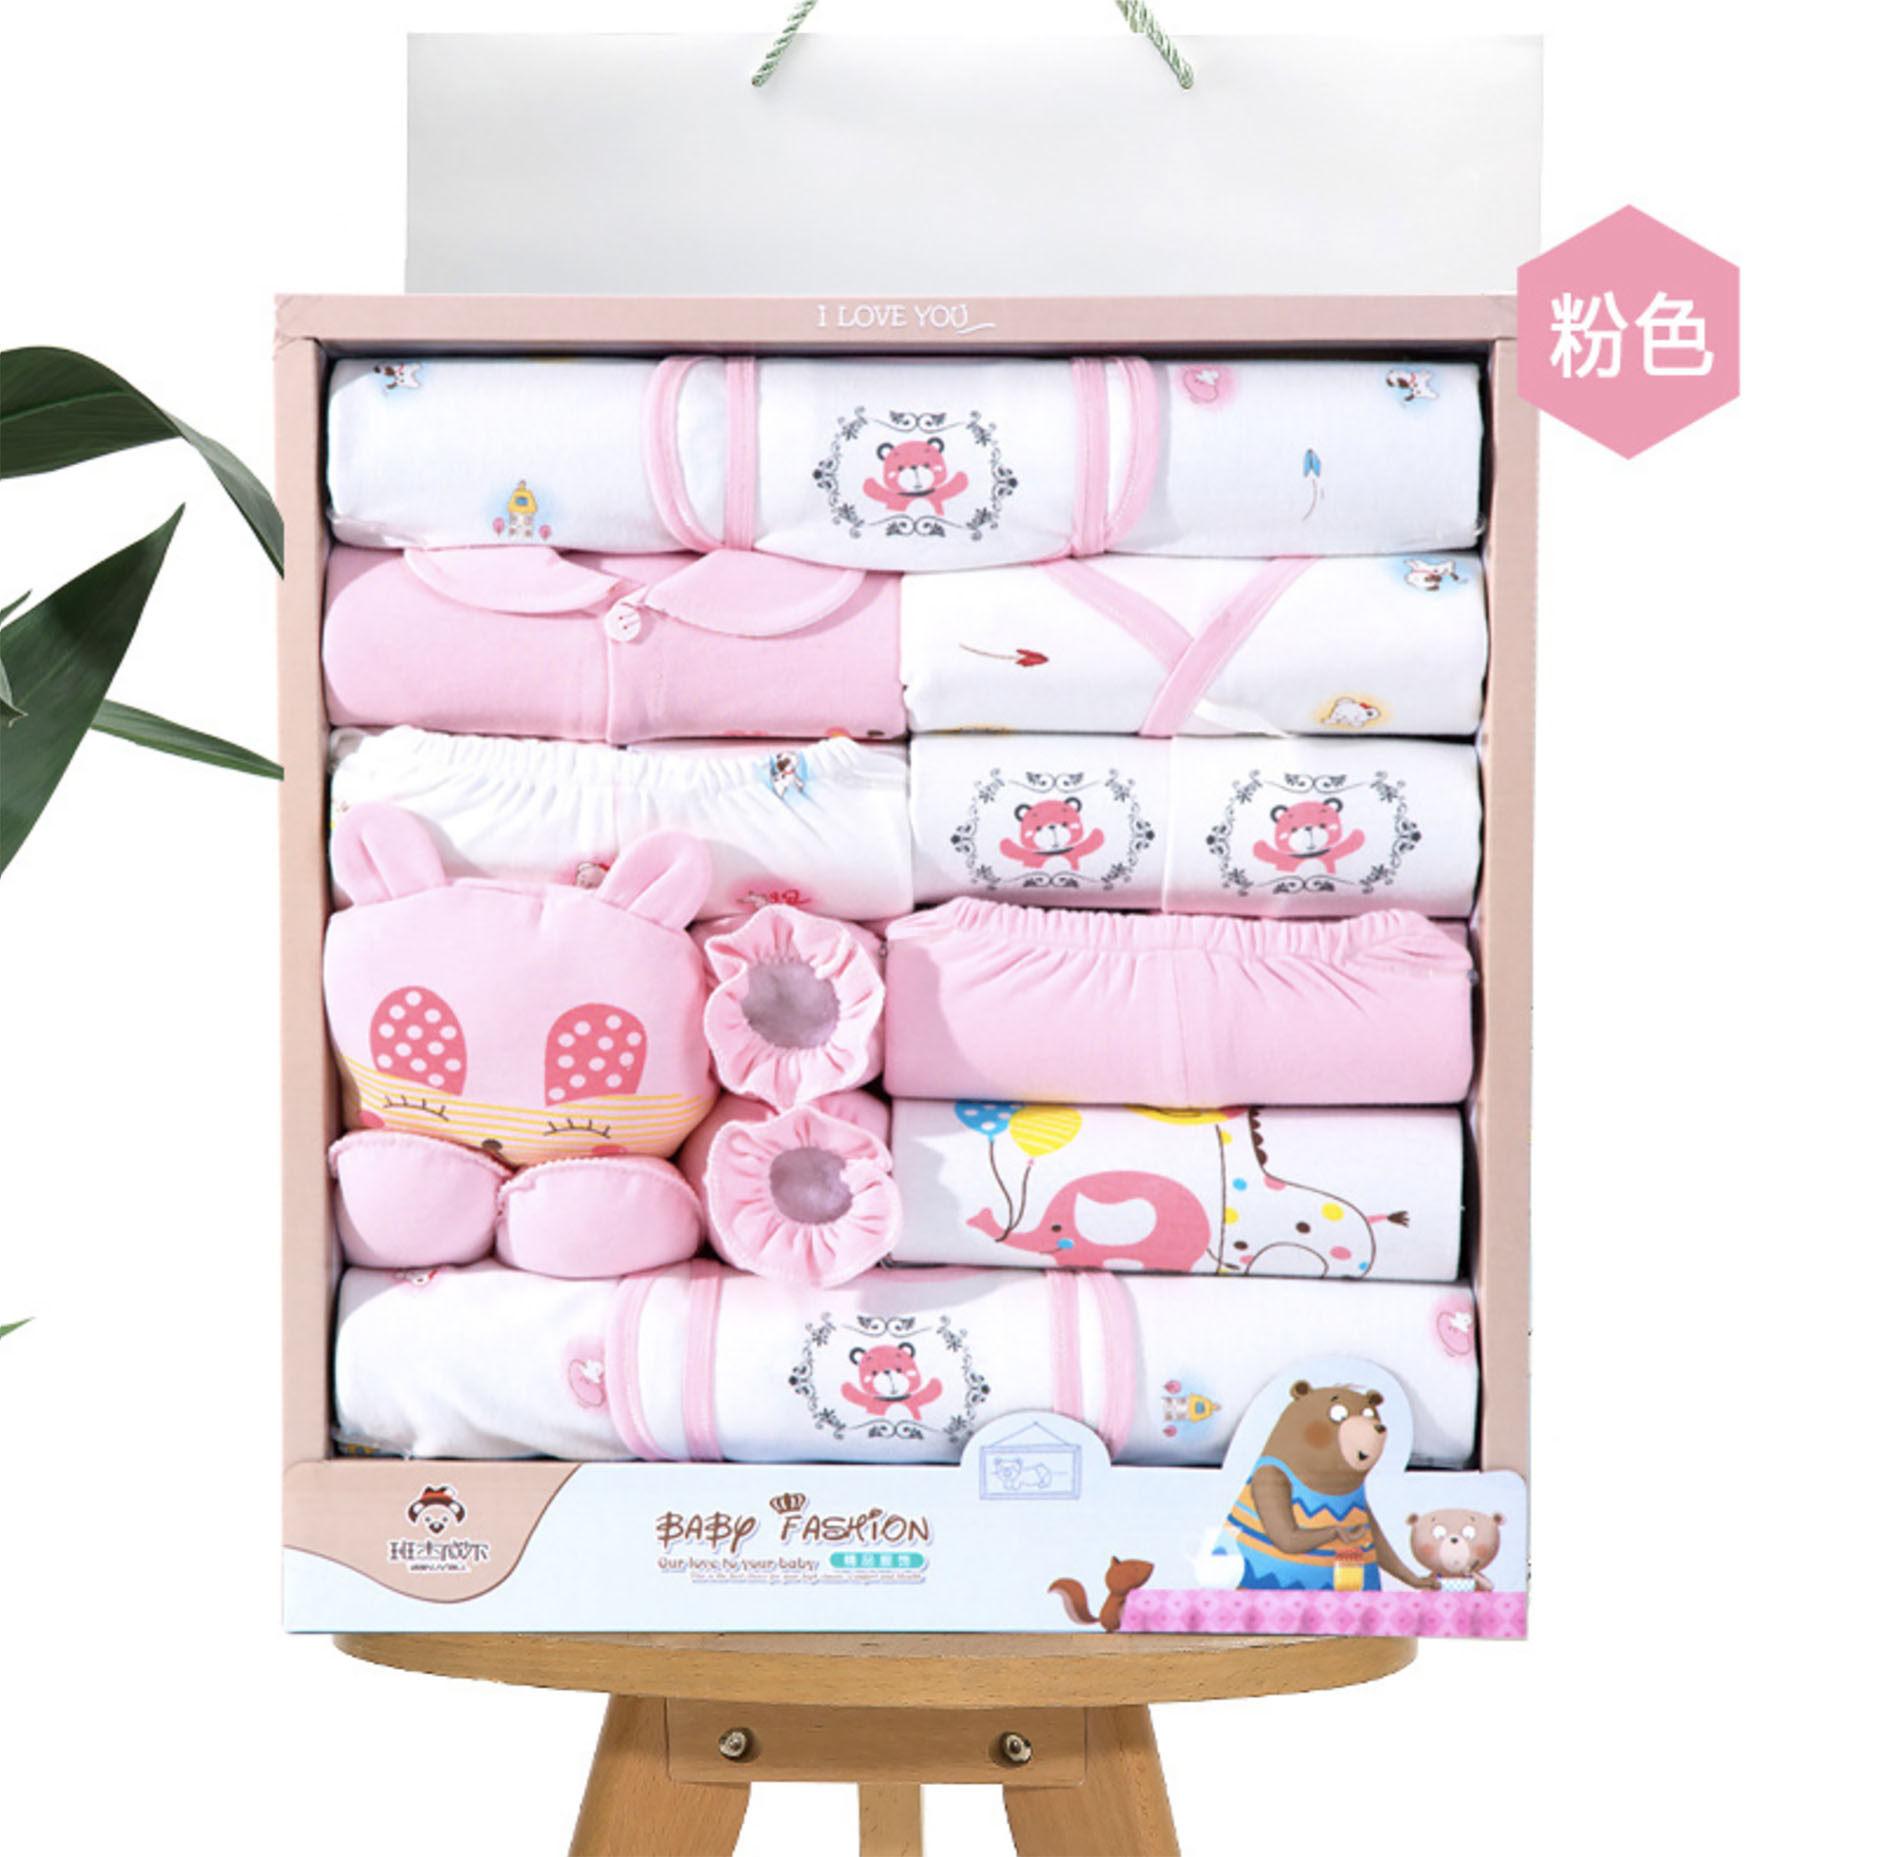 Baby ชุดของขวัญสำหรับเด็กอ่อน 18 ชิ้น (หมี) (แพ็คกล่องตามรูป100%)